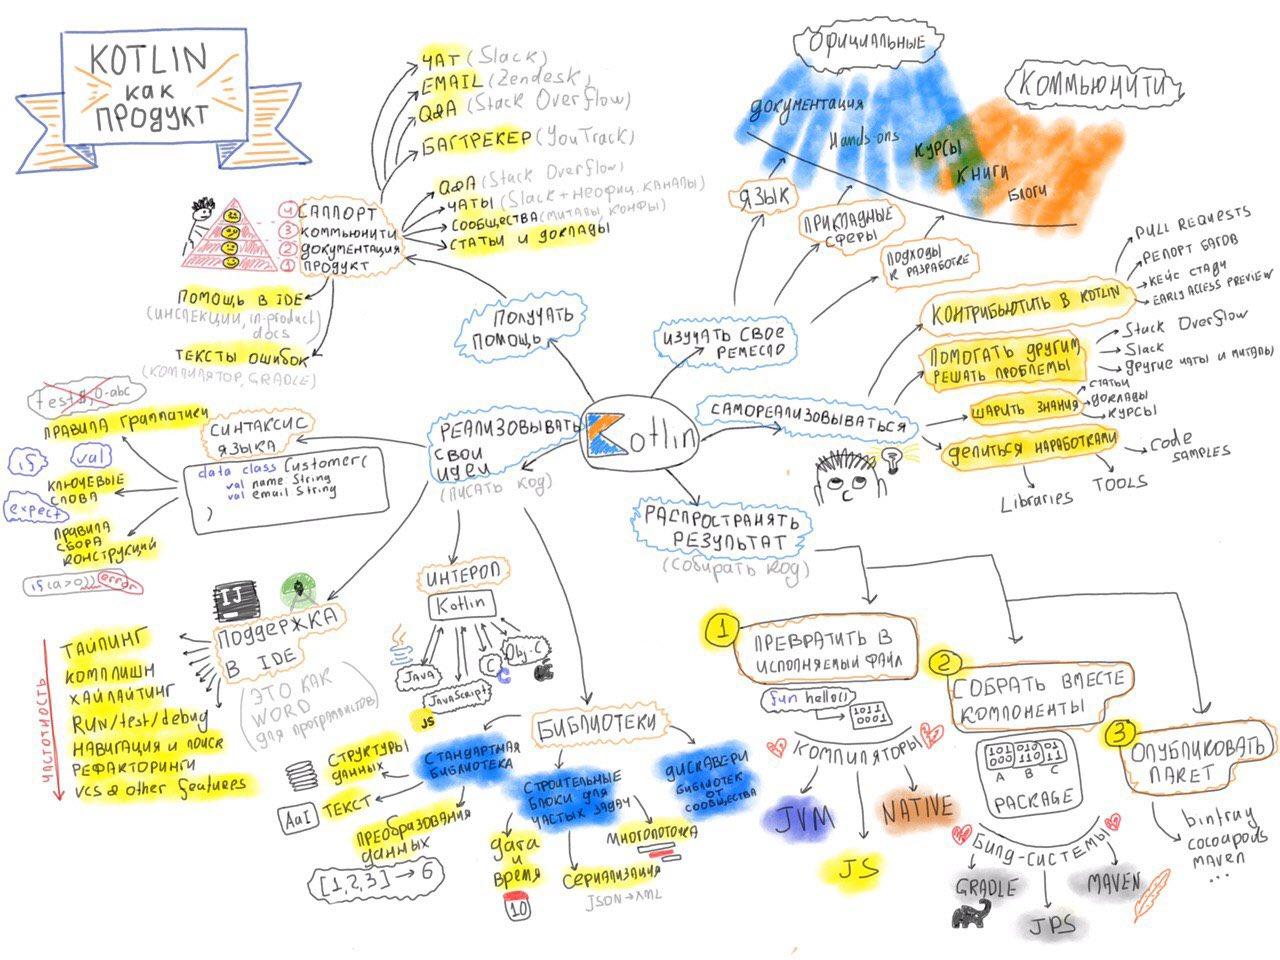 Kotlin как продукт: схема